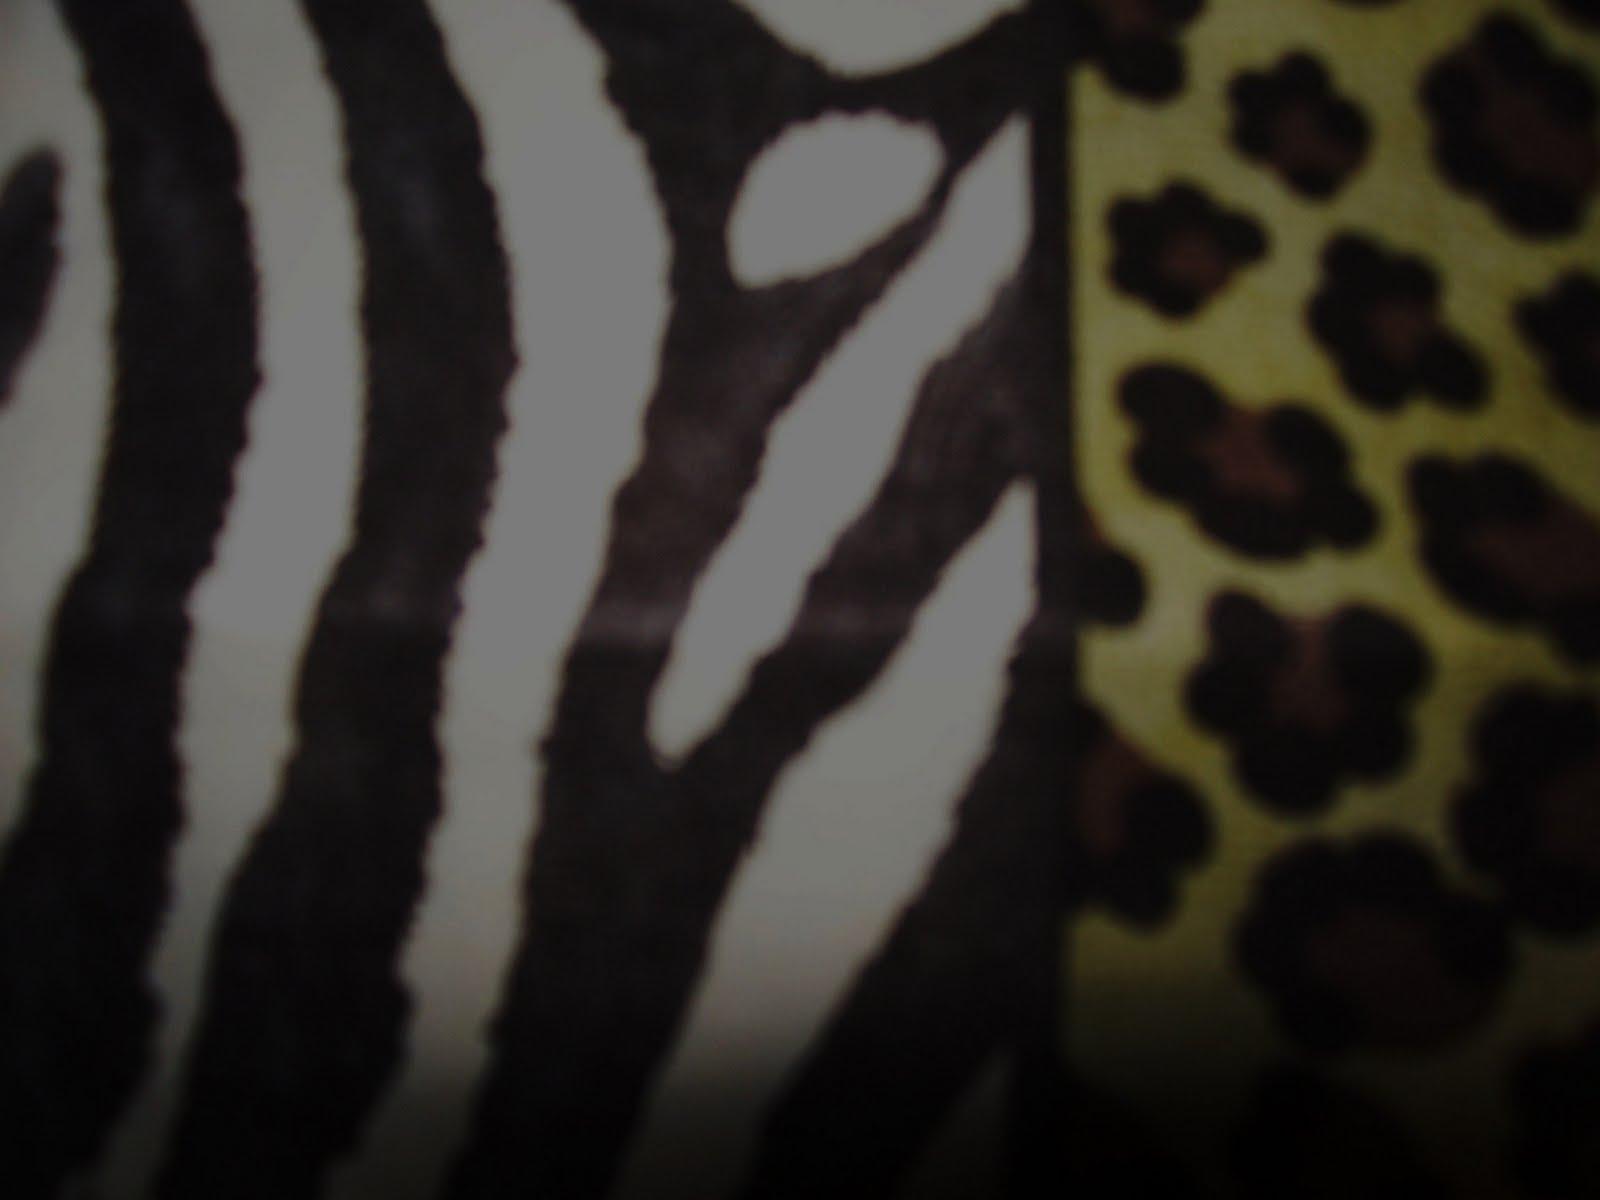 http://4.bp.blogspot.com/_ekAeYONZ3z8/TDGh_I78xpI/AAAAAAAAAec/eIkU-v2qqaY/s1600/Africa+001.JPG